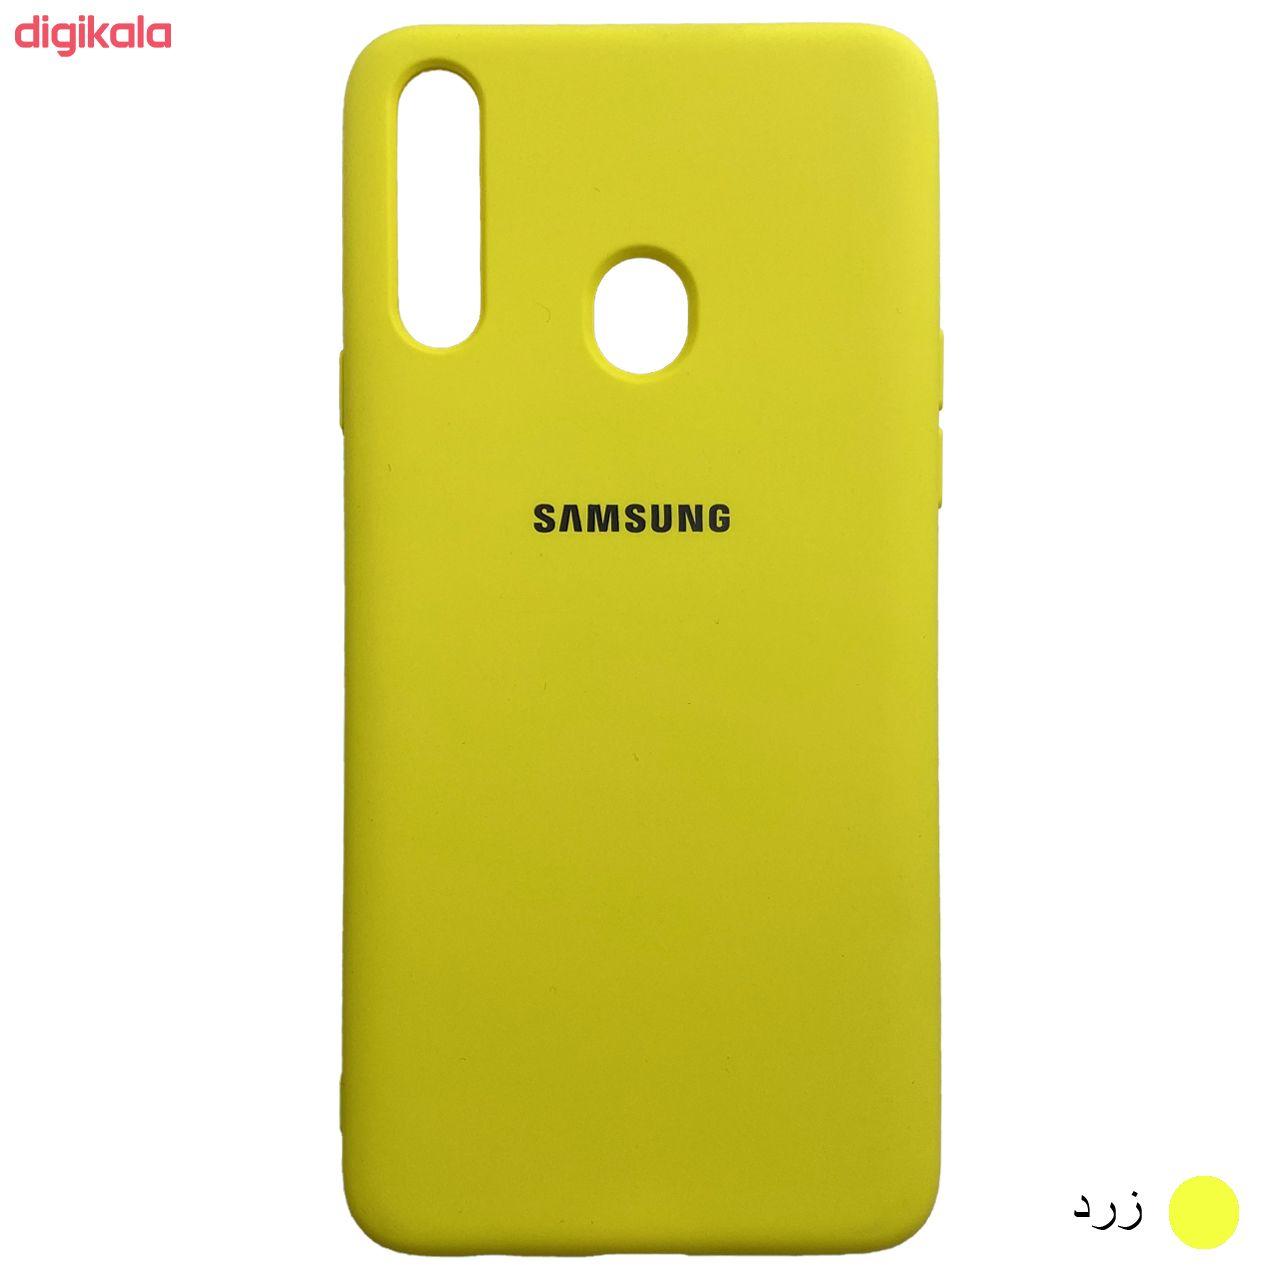 کاور مدل SCN مناسب برای گوشی موبایل سامسونگ Galaxy A20s main 1 7